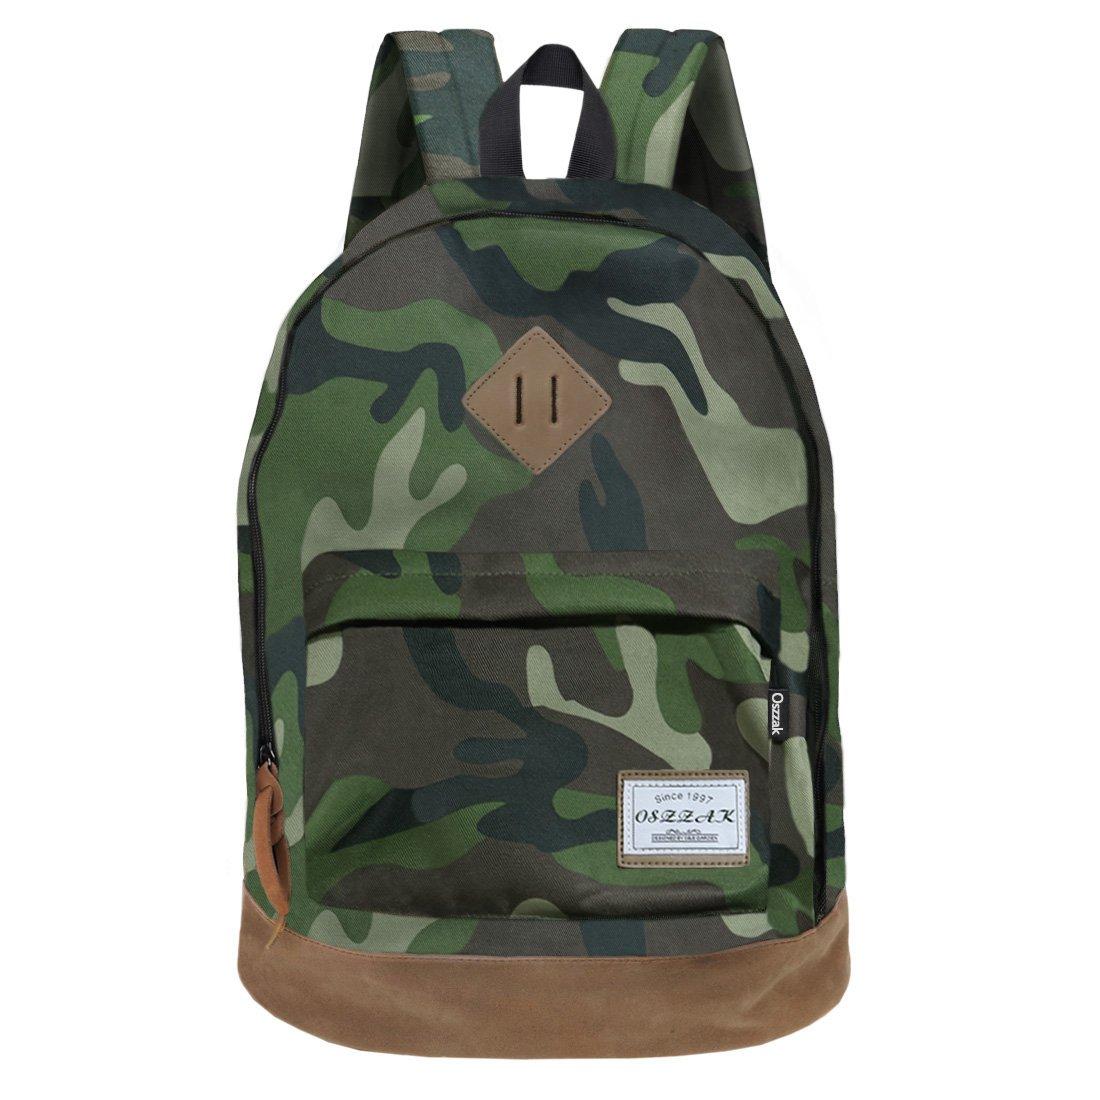 Rucksack Schulrucksack Jugendliche Backpack Rucksäcke mit Laptopfach für Camping Outdoor Sport FBA-W10381BLK